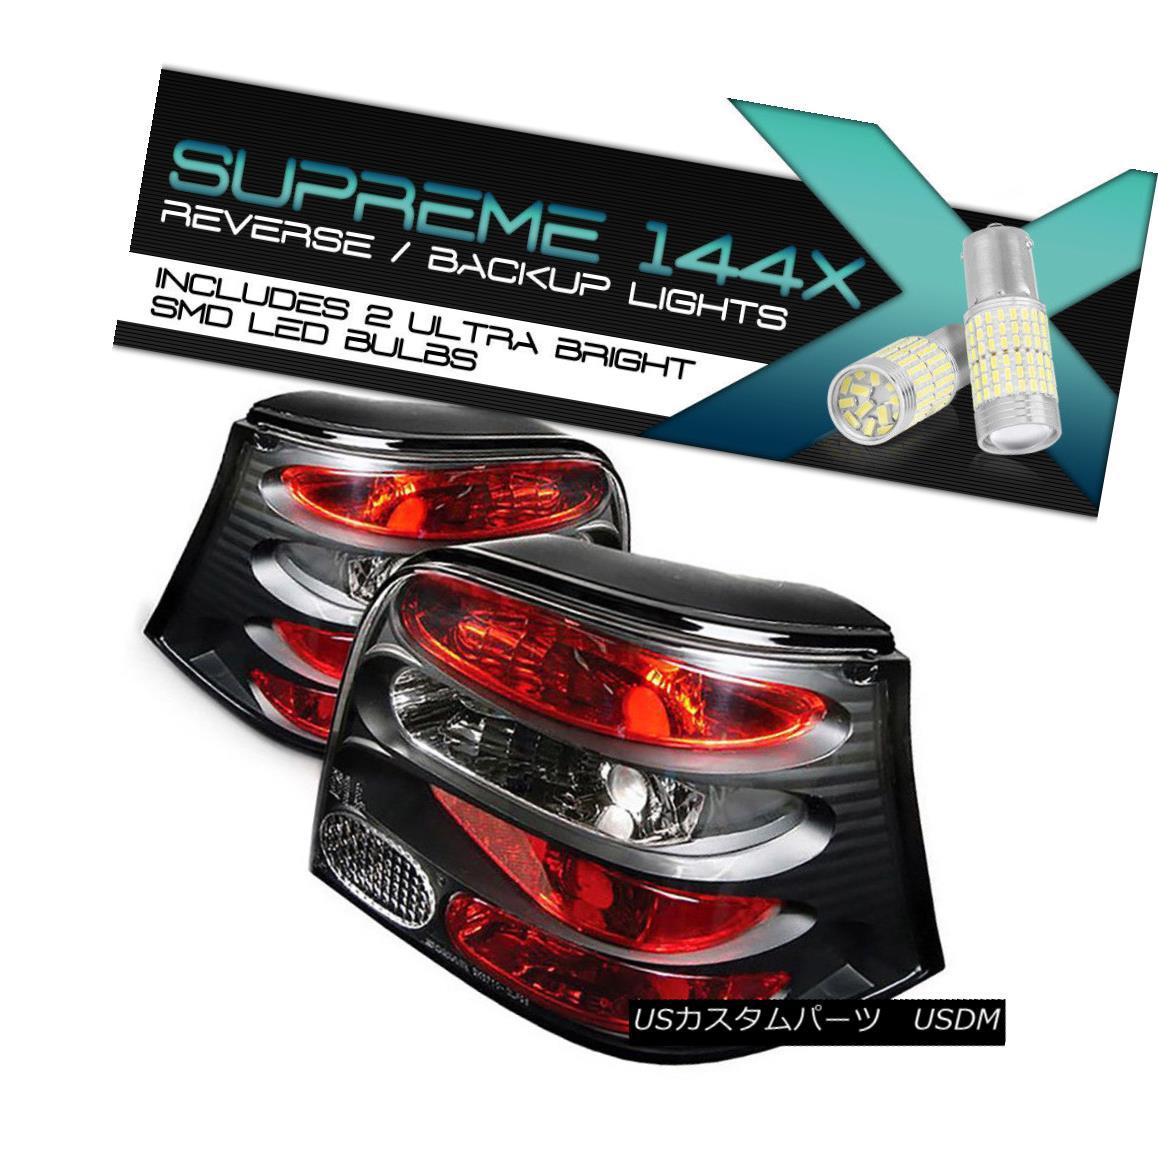 テールライト!360 DEGREE SMD BACKUP VWゴルフGTI! DEGREE 99-06 VW Golf + GTI R32 MK4 Rear Parking Tail Lights LH+RH 360°SMDバックアップ! 99-06 VWゴルフGTI R32 MK4リアパーキングテールライトLH + RH, 鷹雅堂1004:6b0ae2b7 --- officewill.xsrv.jp